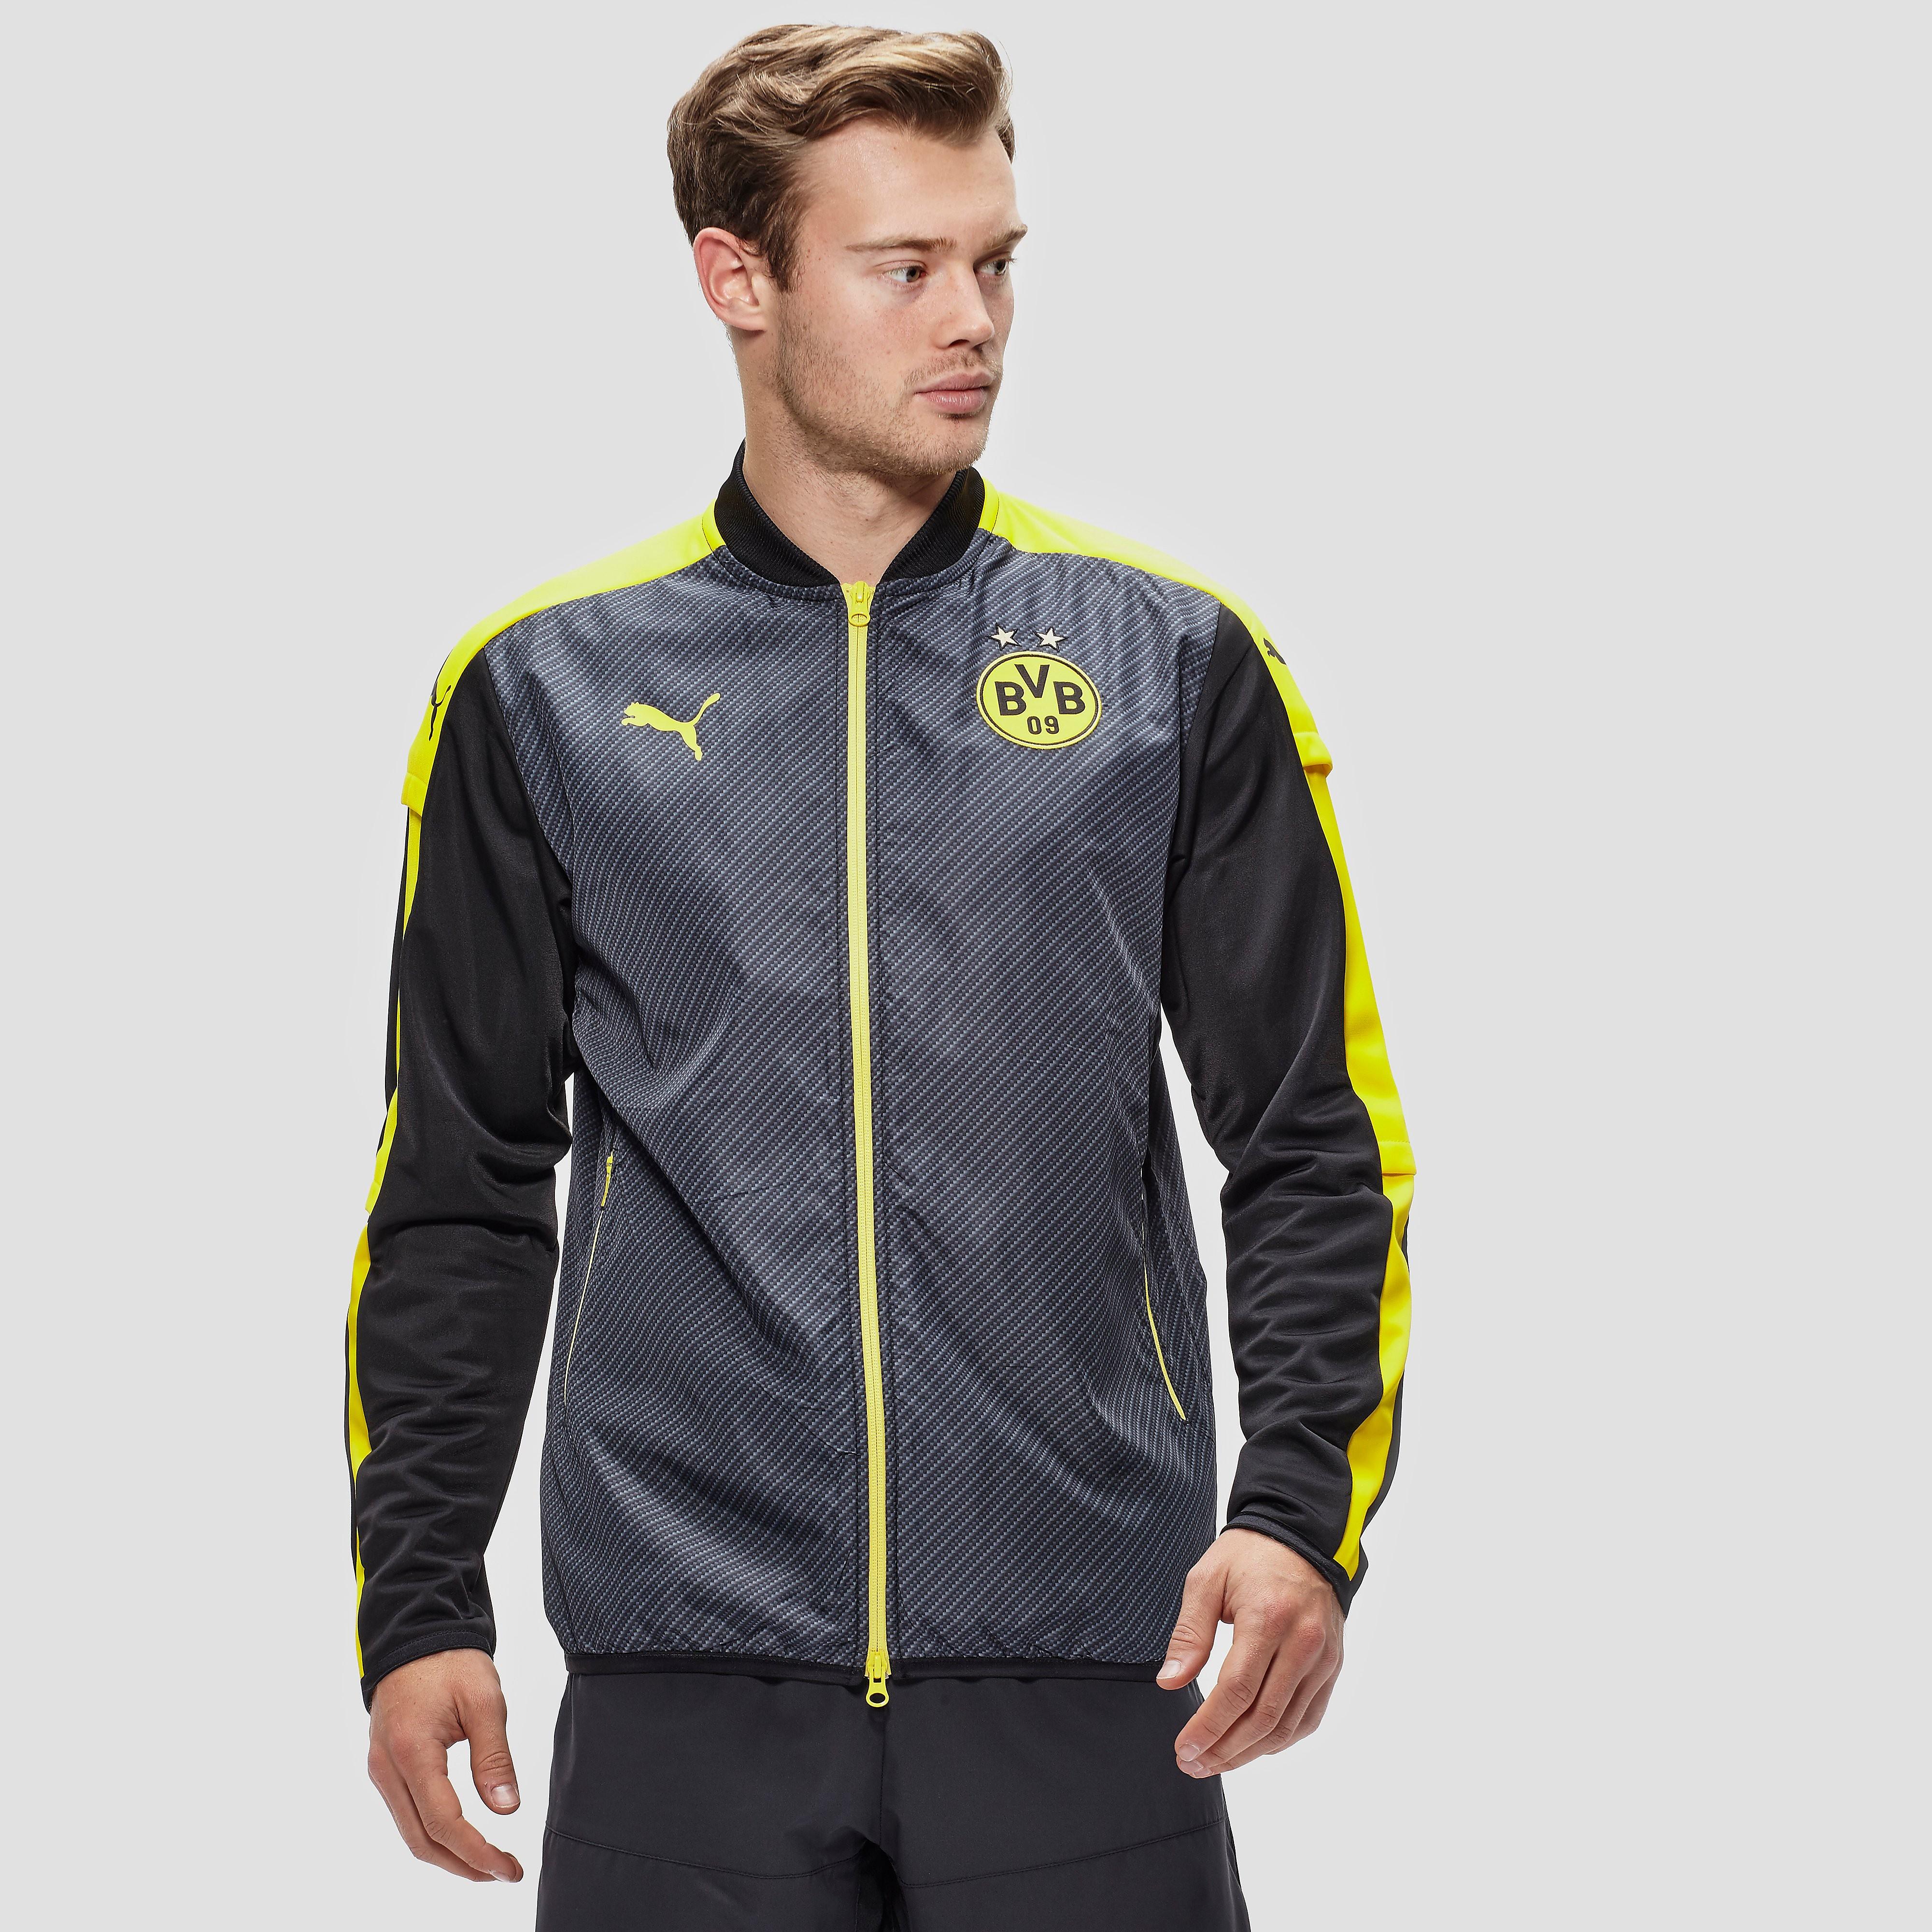 Puma Men's BVB 2016/17 Stadium Jacket